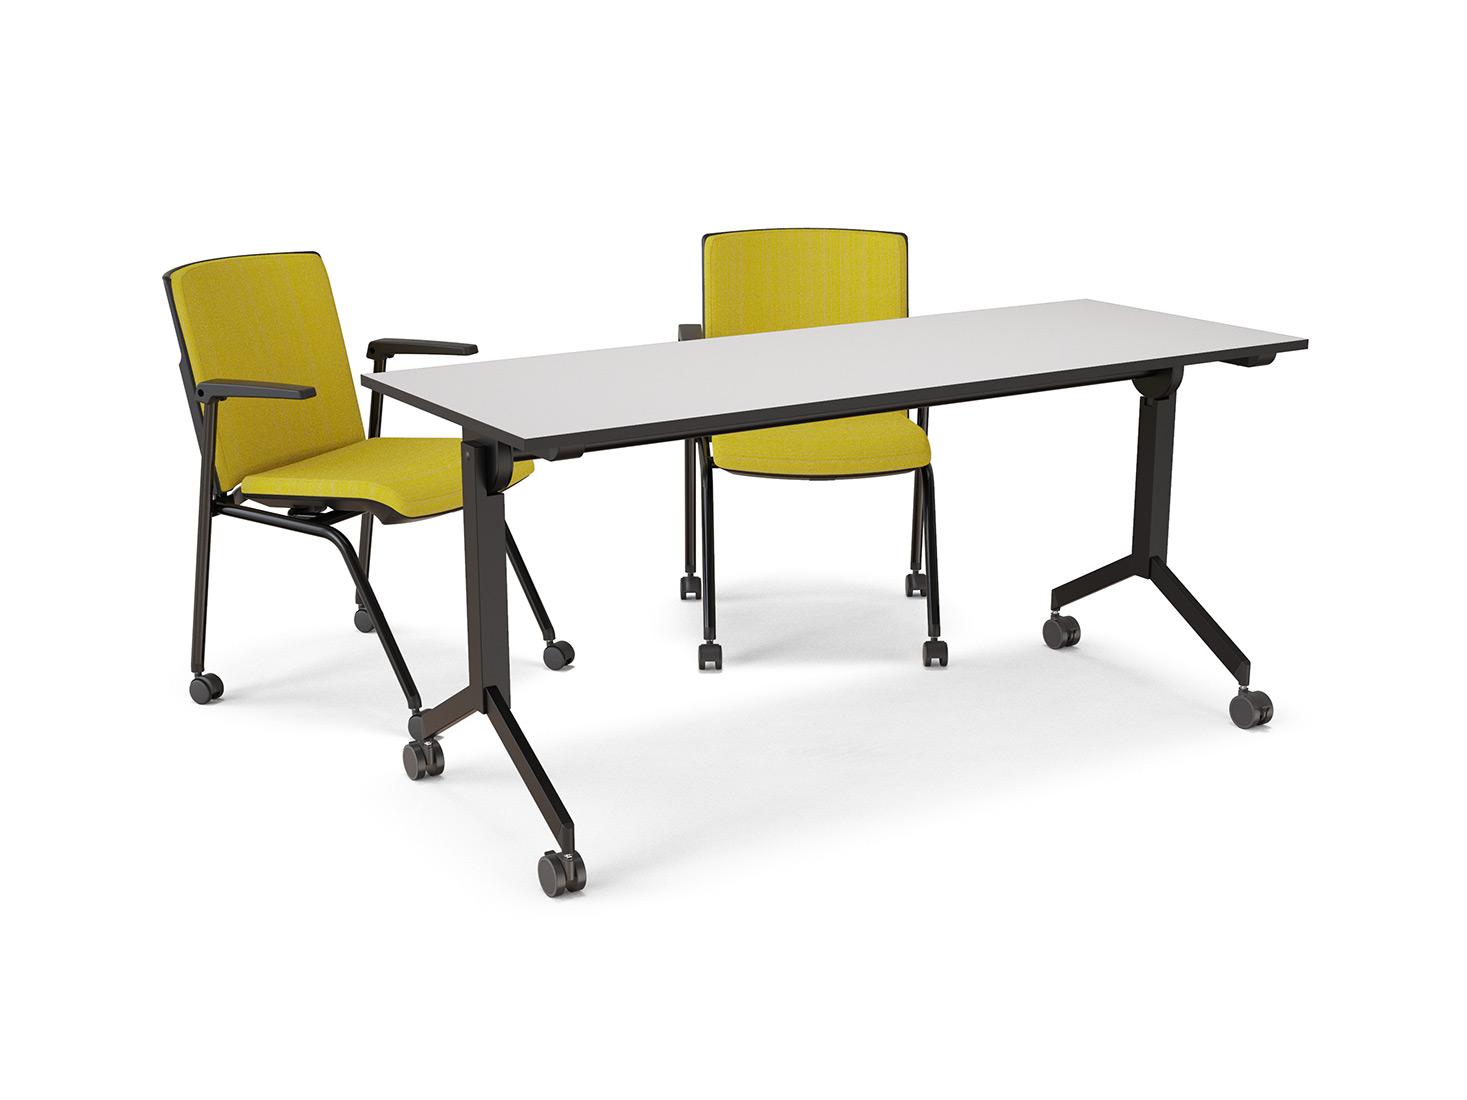 mesa rebatível com rodízios, estrutura cinza, tampo branco na posição normal